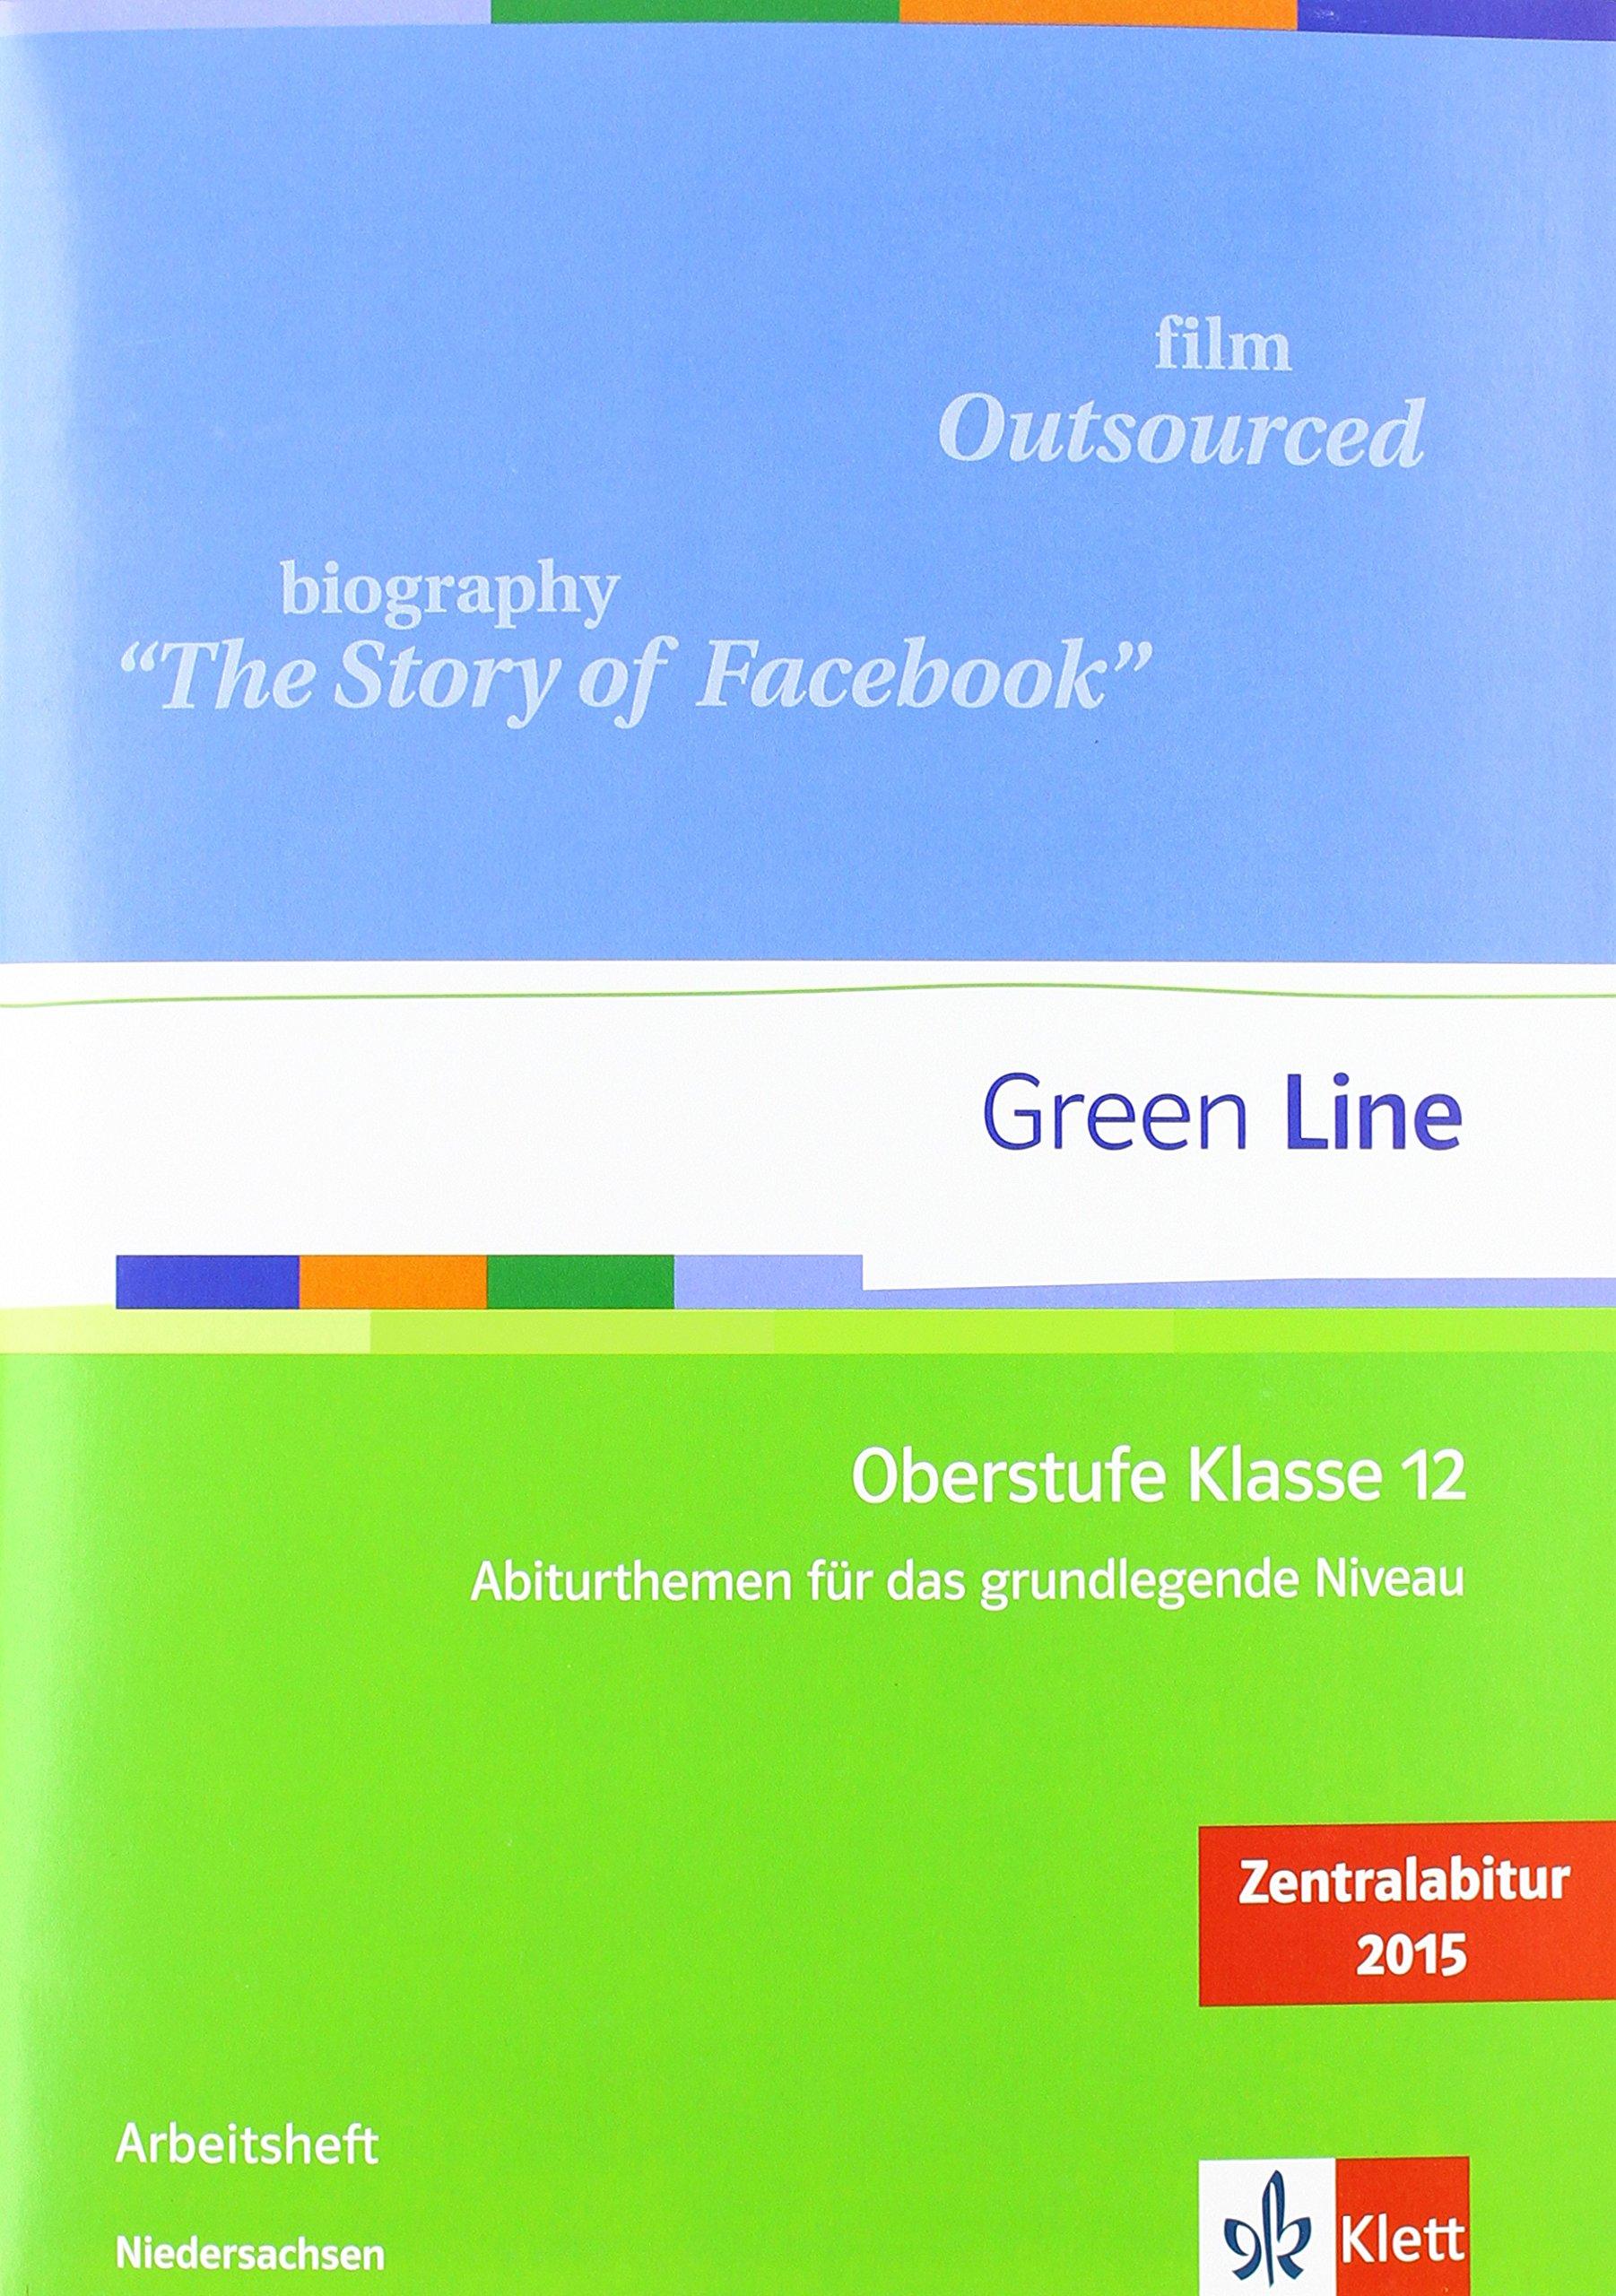 Green Line Oberstufe Klasse 12 Niedersachsen: Abiturthemen für das grundlegende Niveau, Zentralabitur 2015